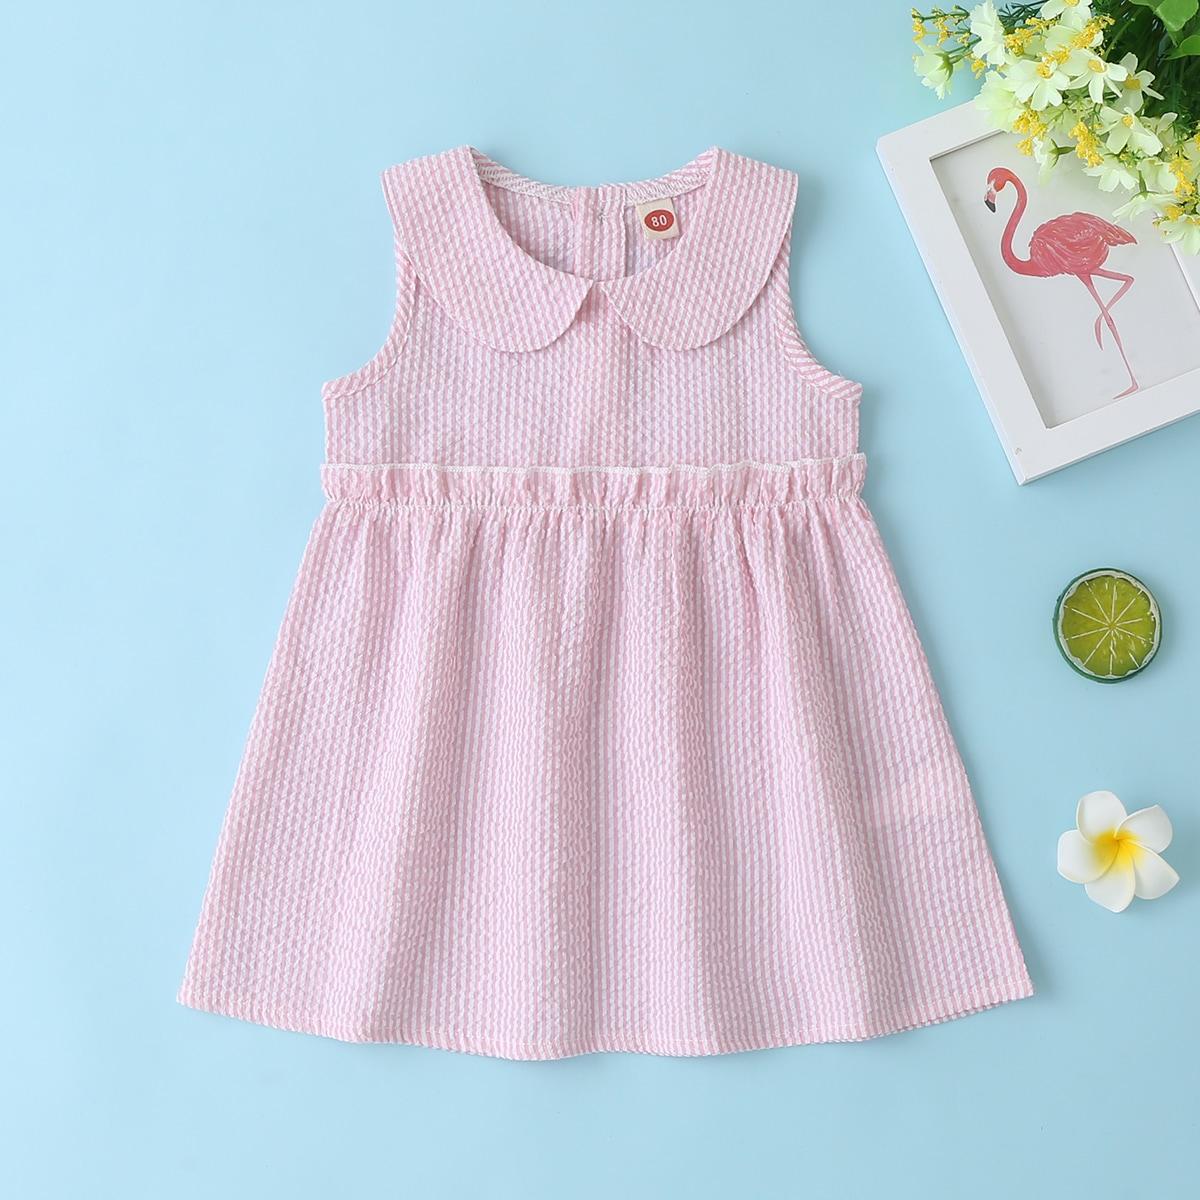 Оригинальное платье для девочек от SHEIN